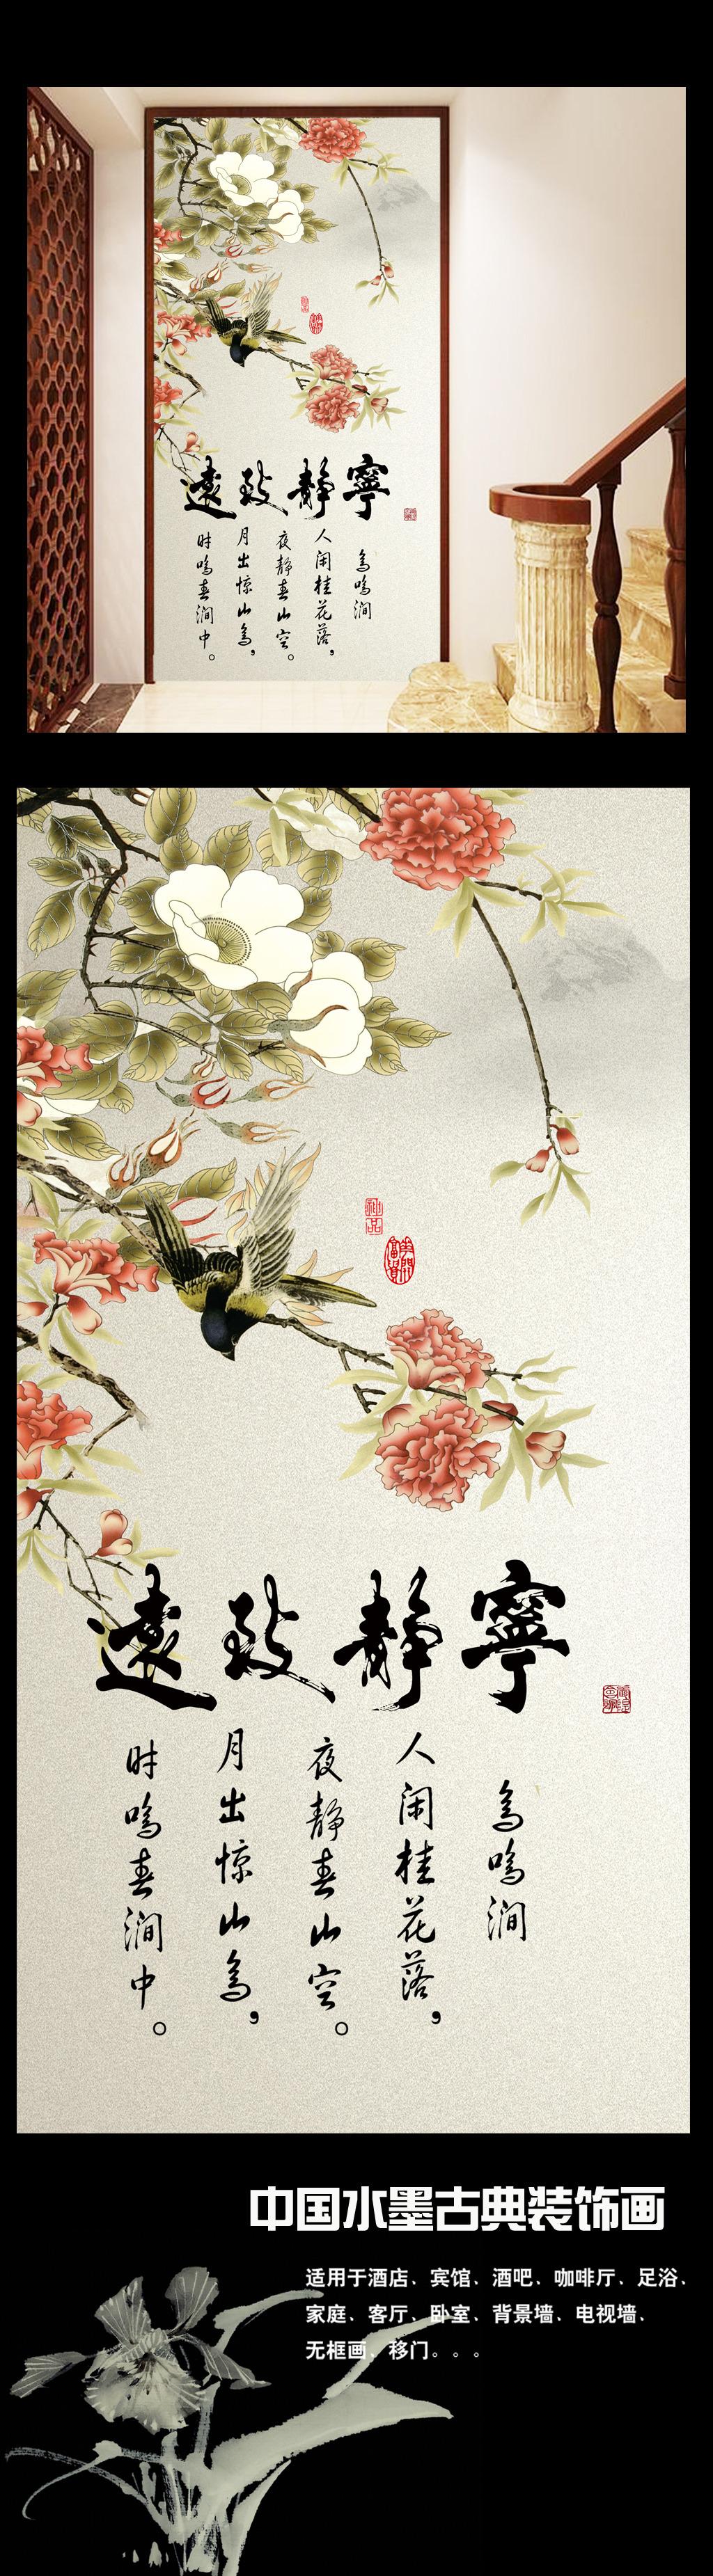 背景墙 过道/[版权图片]宁静致远玉兰花玄关过道背景墙